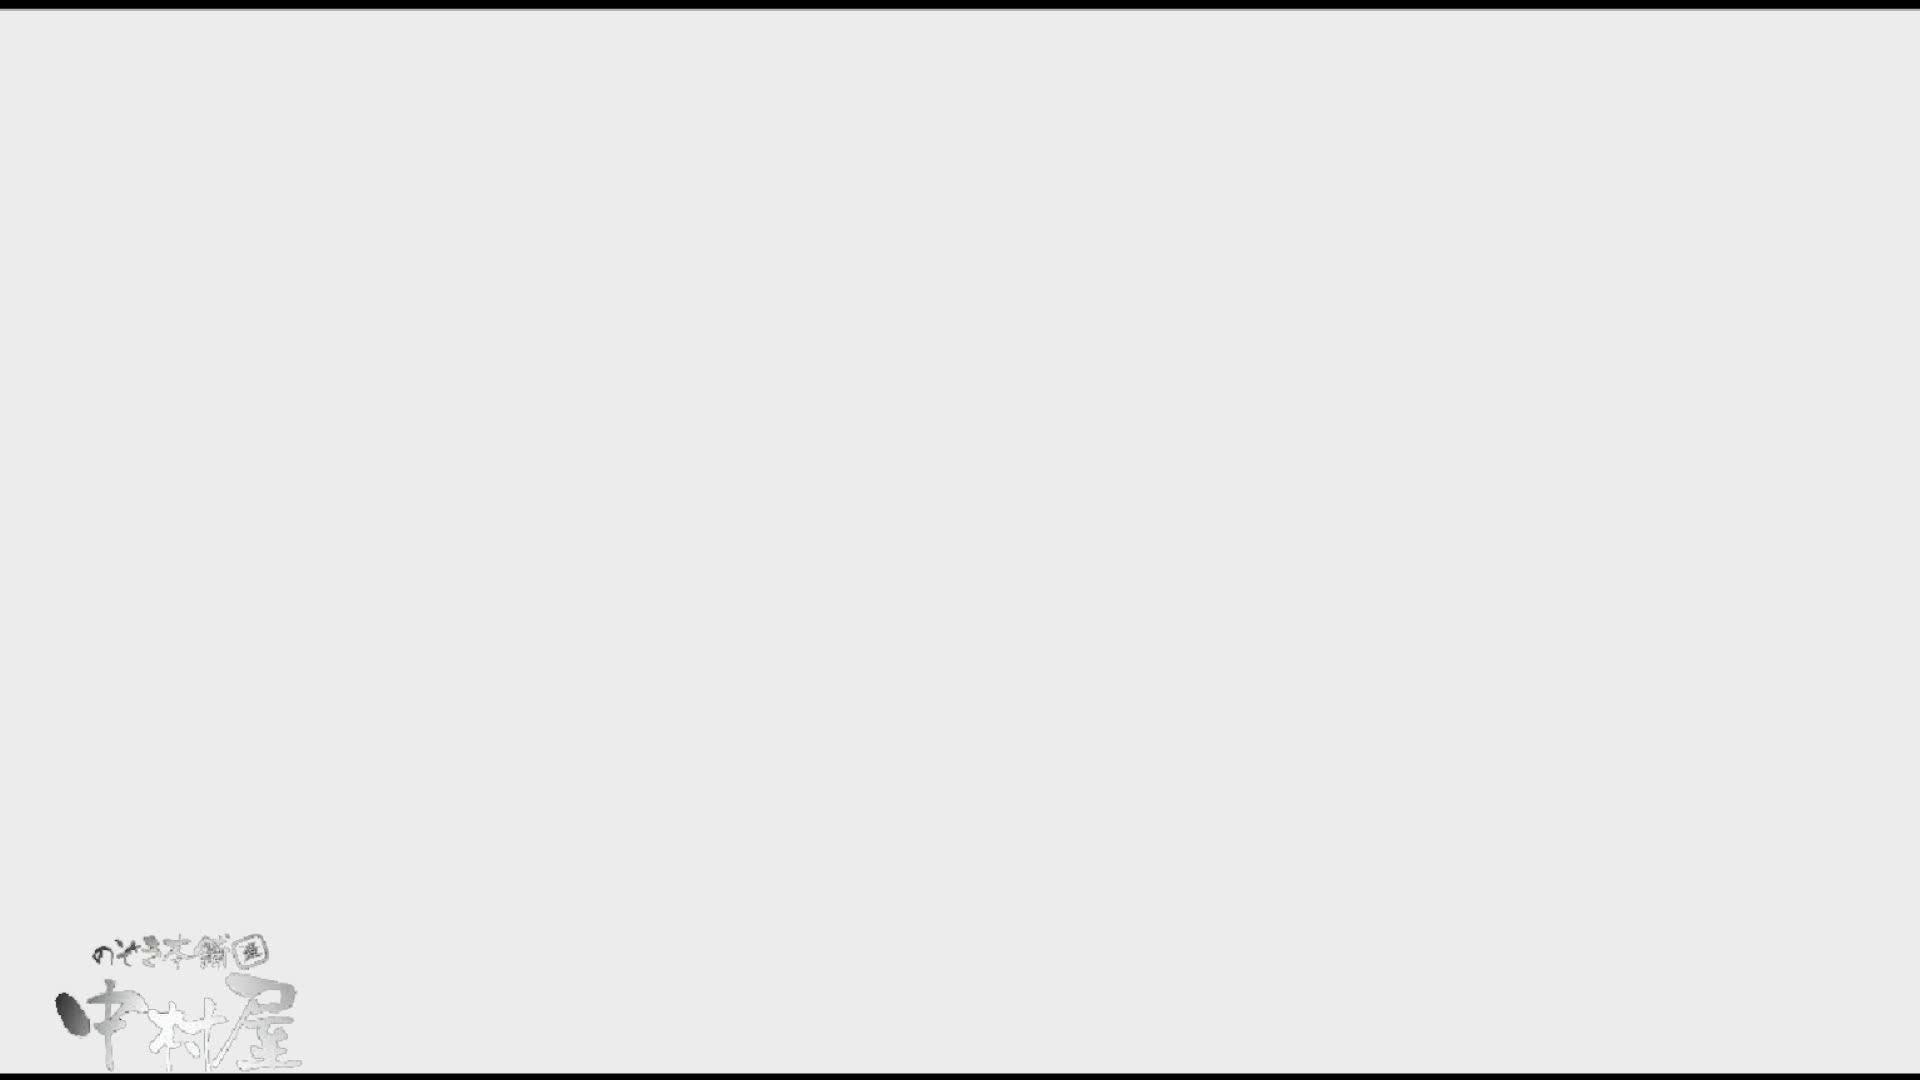 飛び出す黄金水!!!アトレ潜入 かわや盗撮 vol.03 美しいOLの裸体 AV無料 79pic 2